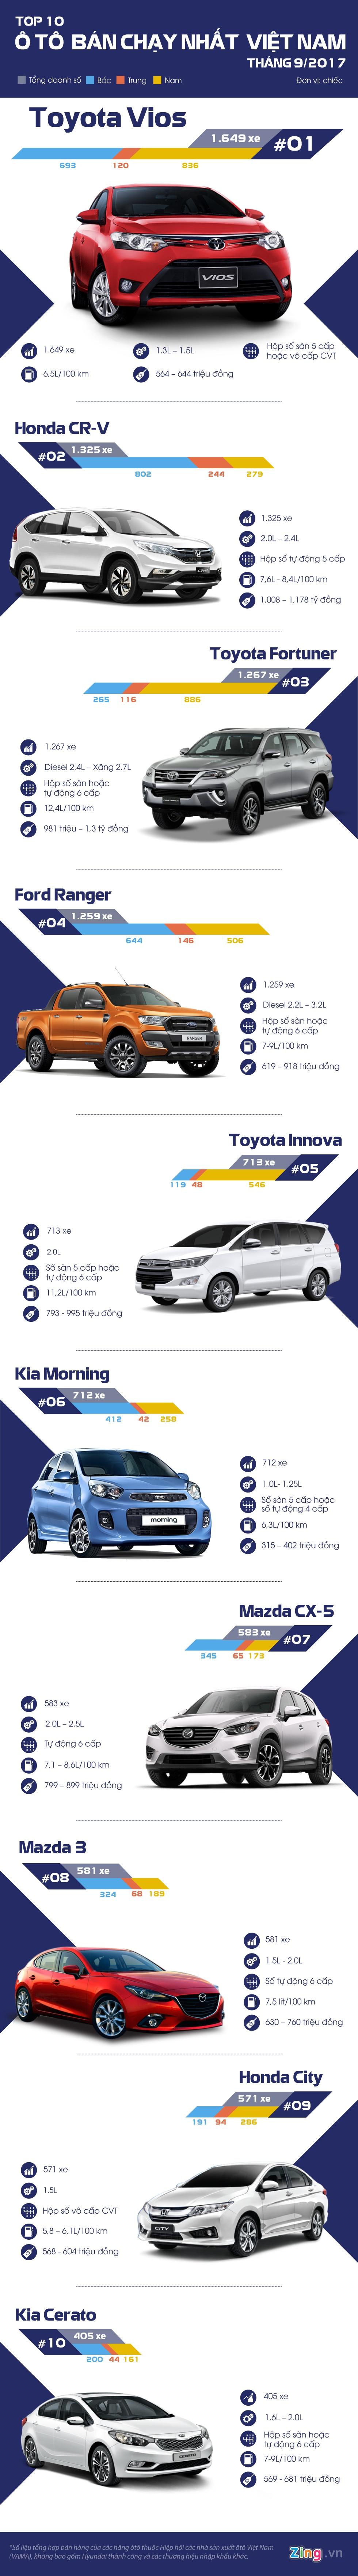 10 oto ban chay thang 9: Honda CR-V lan dau dung thu 2 hinh anh 1